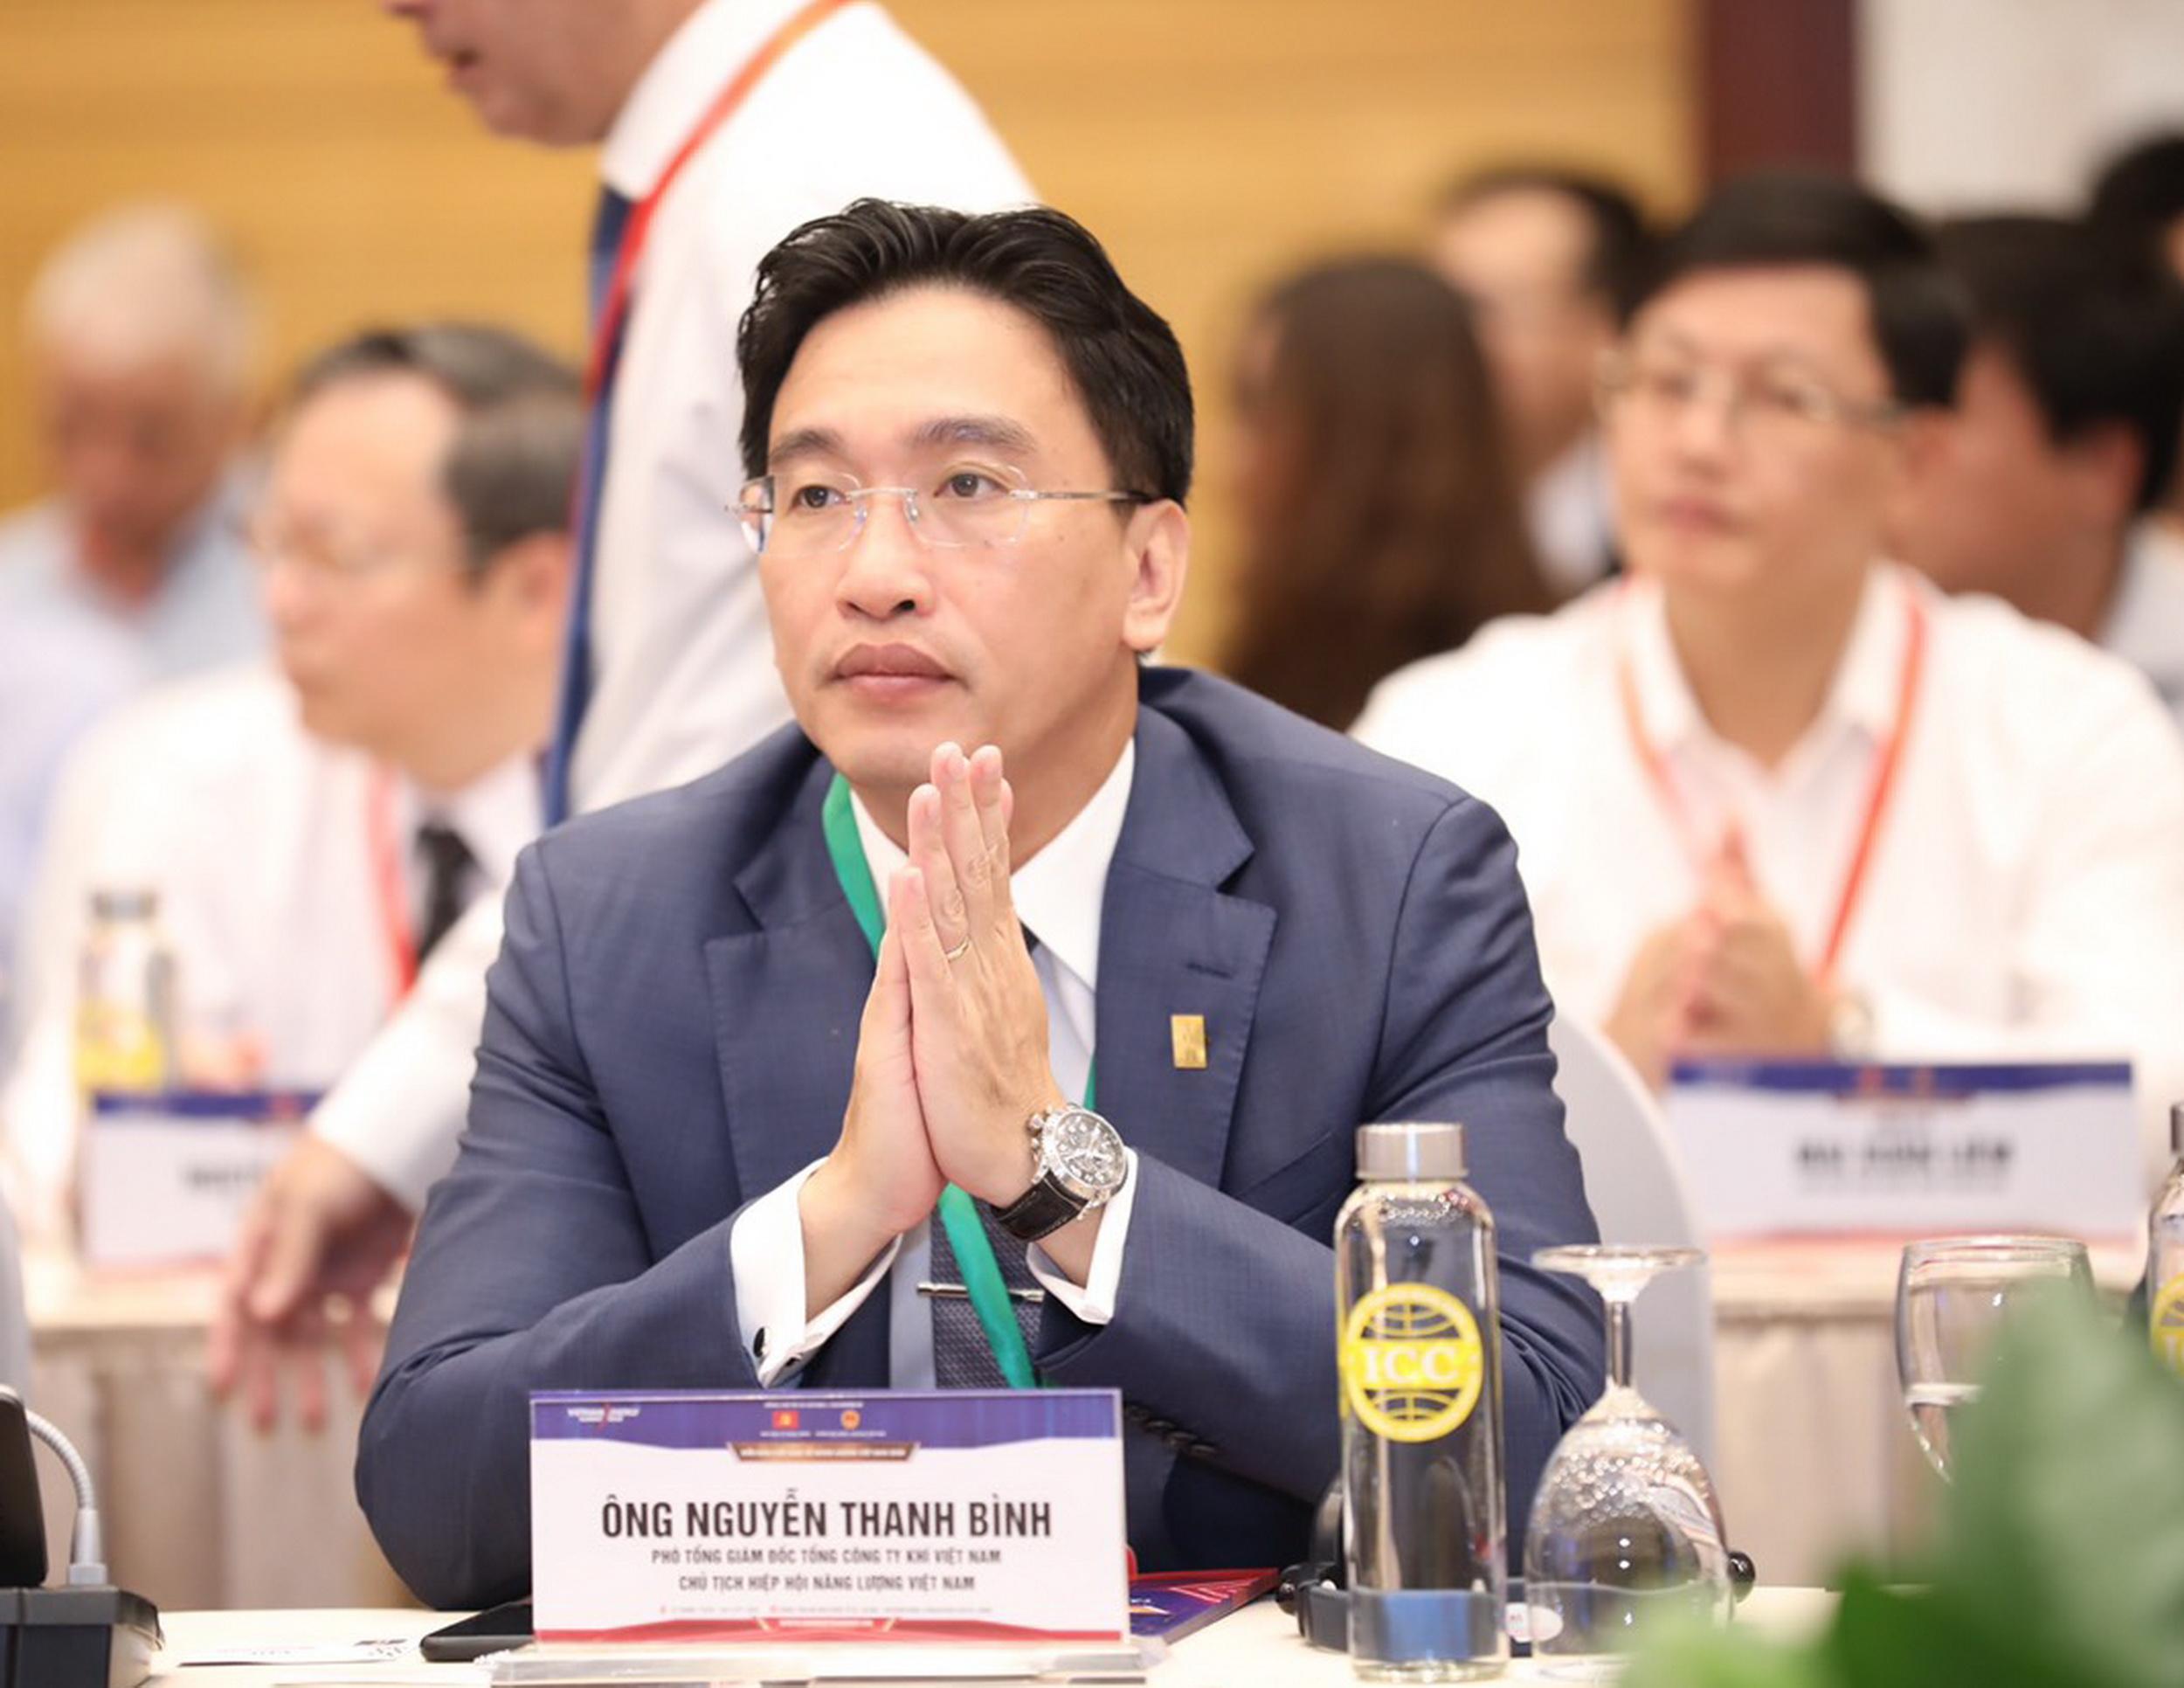 Đồng chí Nguyễn Thanh Bình, Phó Tổng giám đốc PV GAS tham gia Diễn đàn